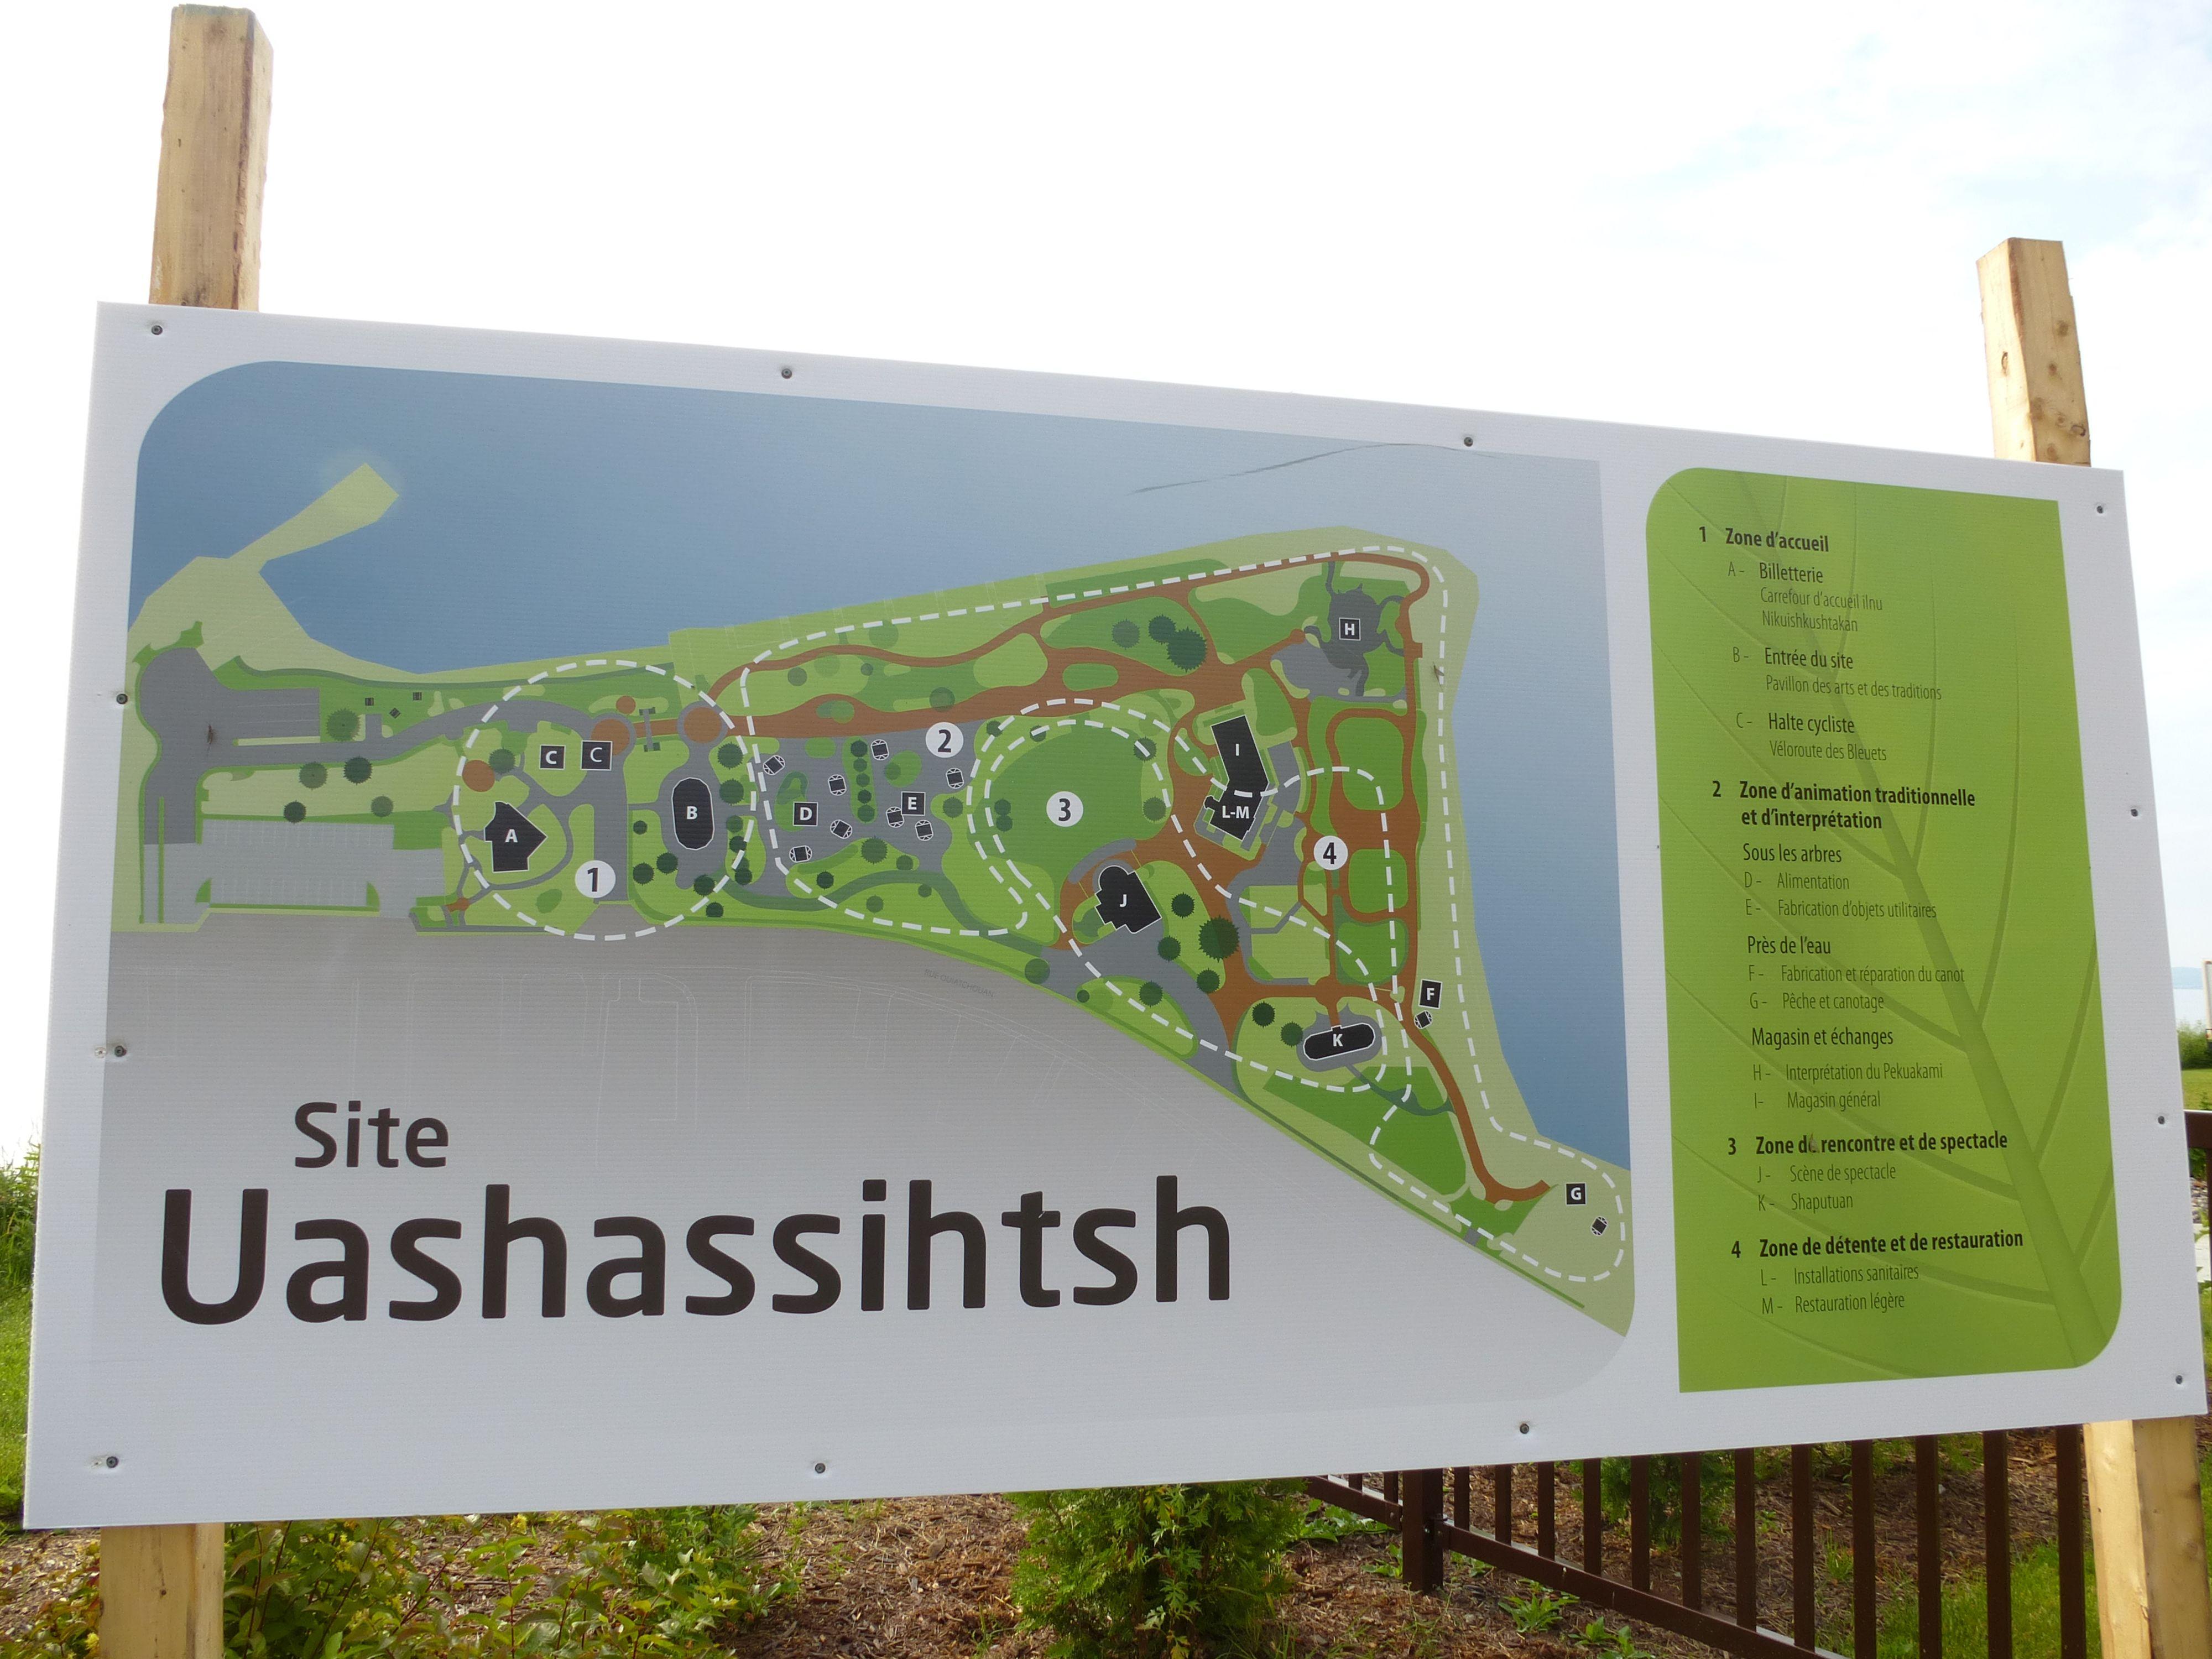 Sites de rencontre dans la zone de la baie